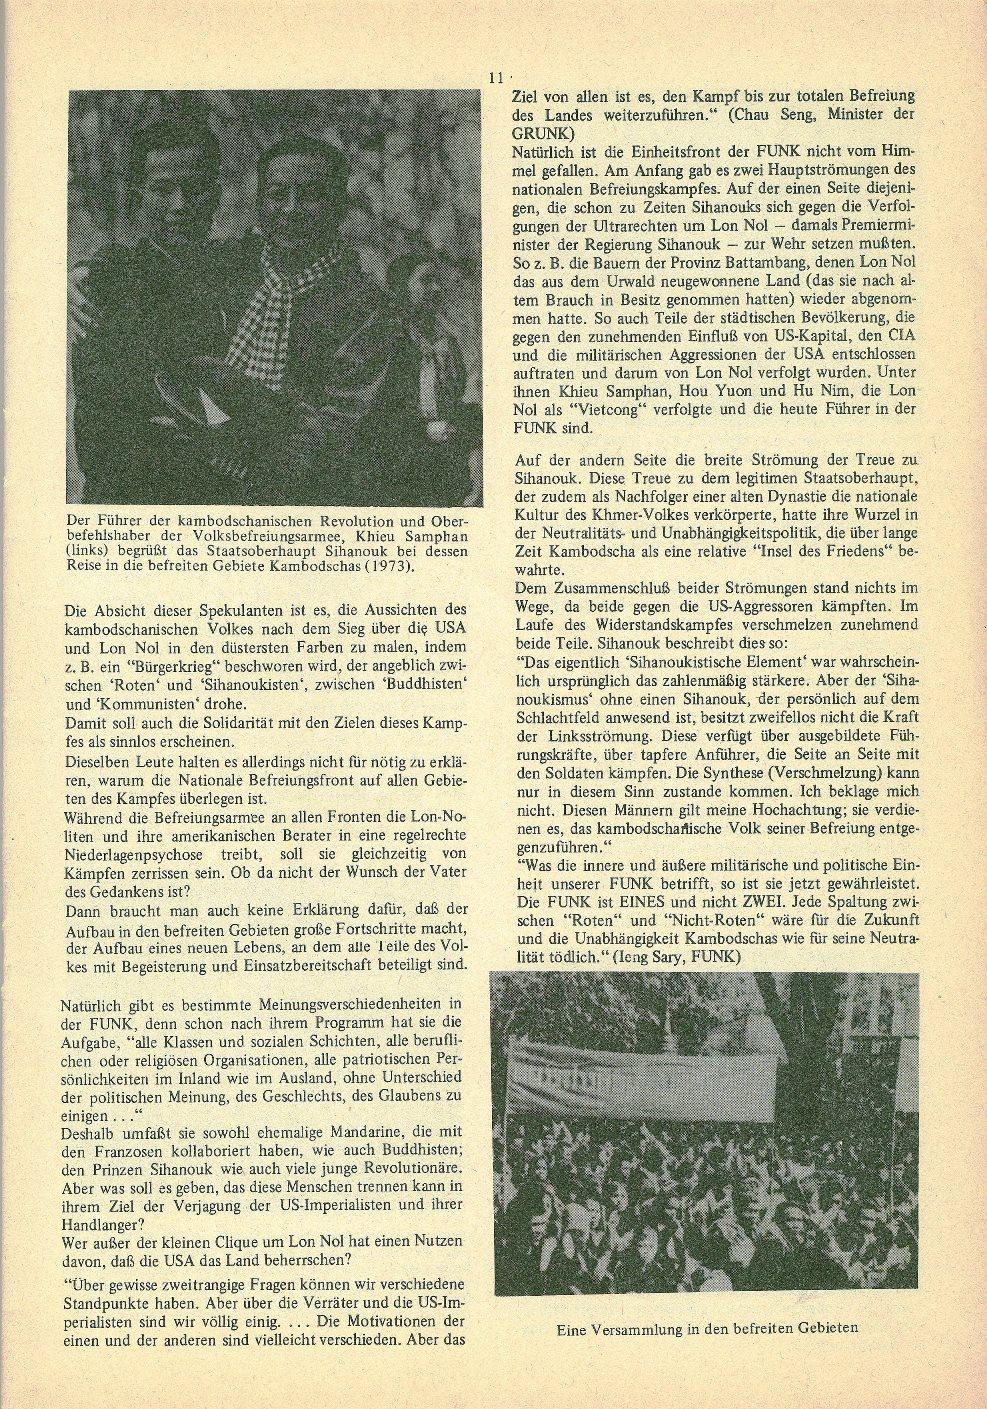 Kambodscha_1974_Das_Volk_besiegt_den_Imperialismus011